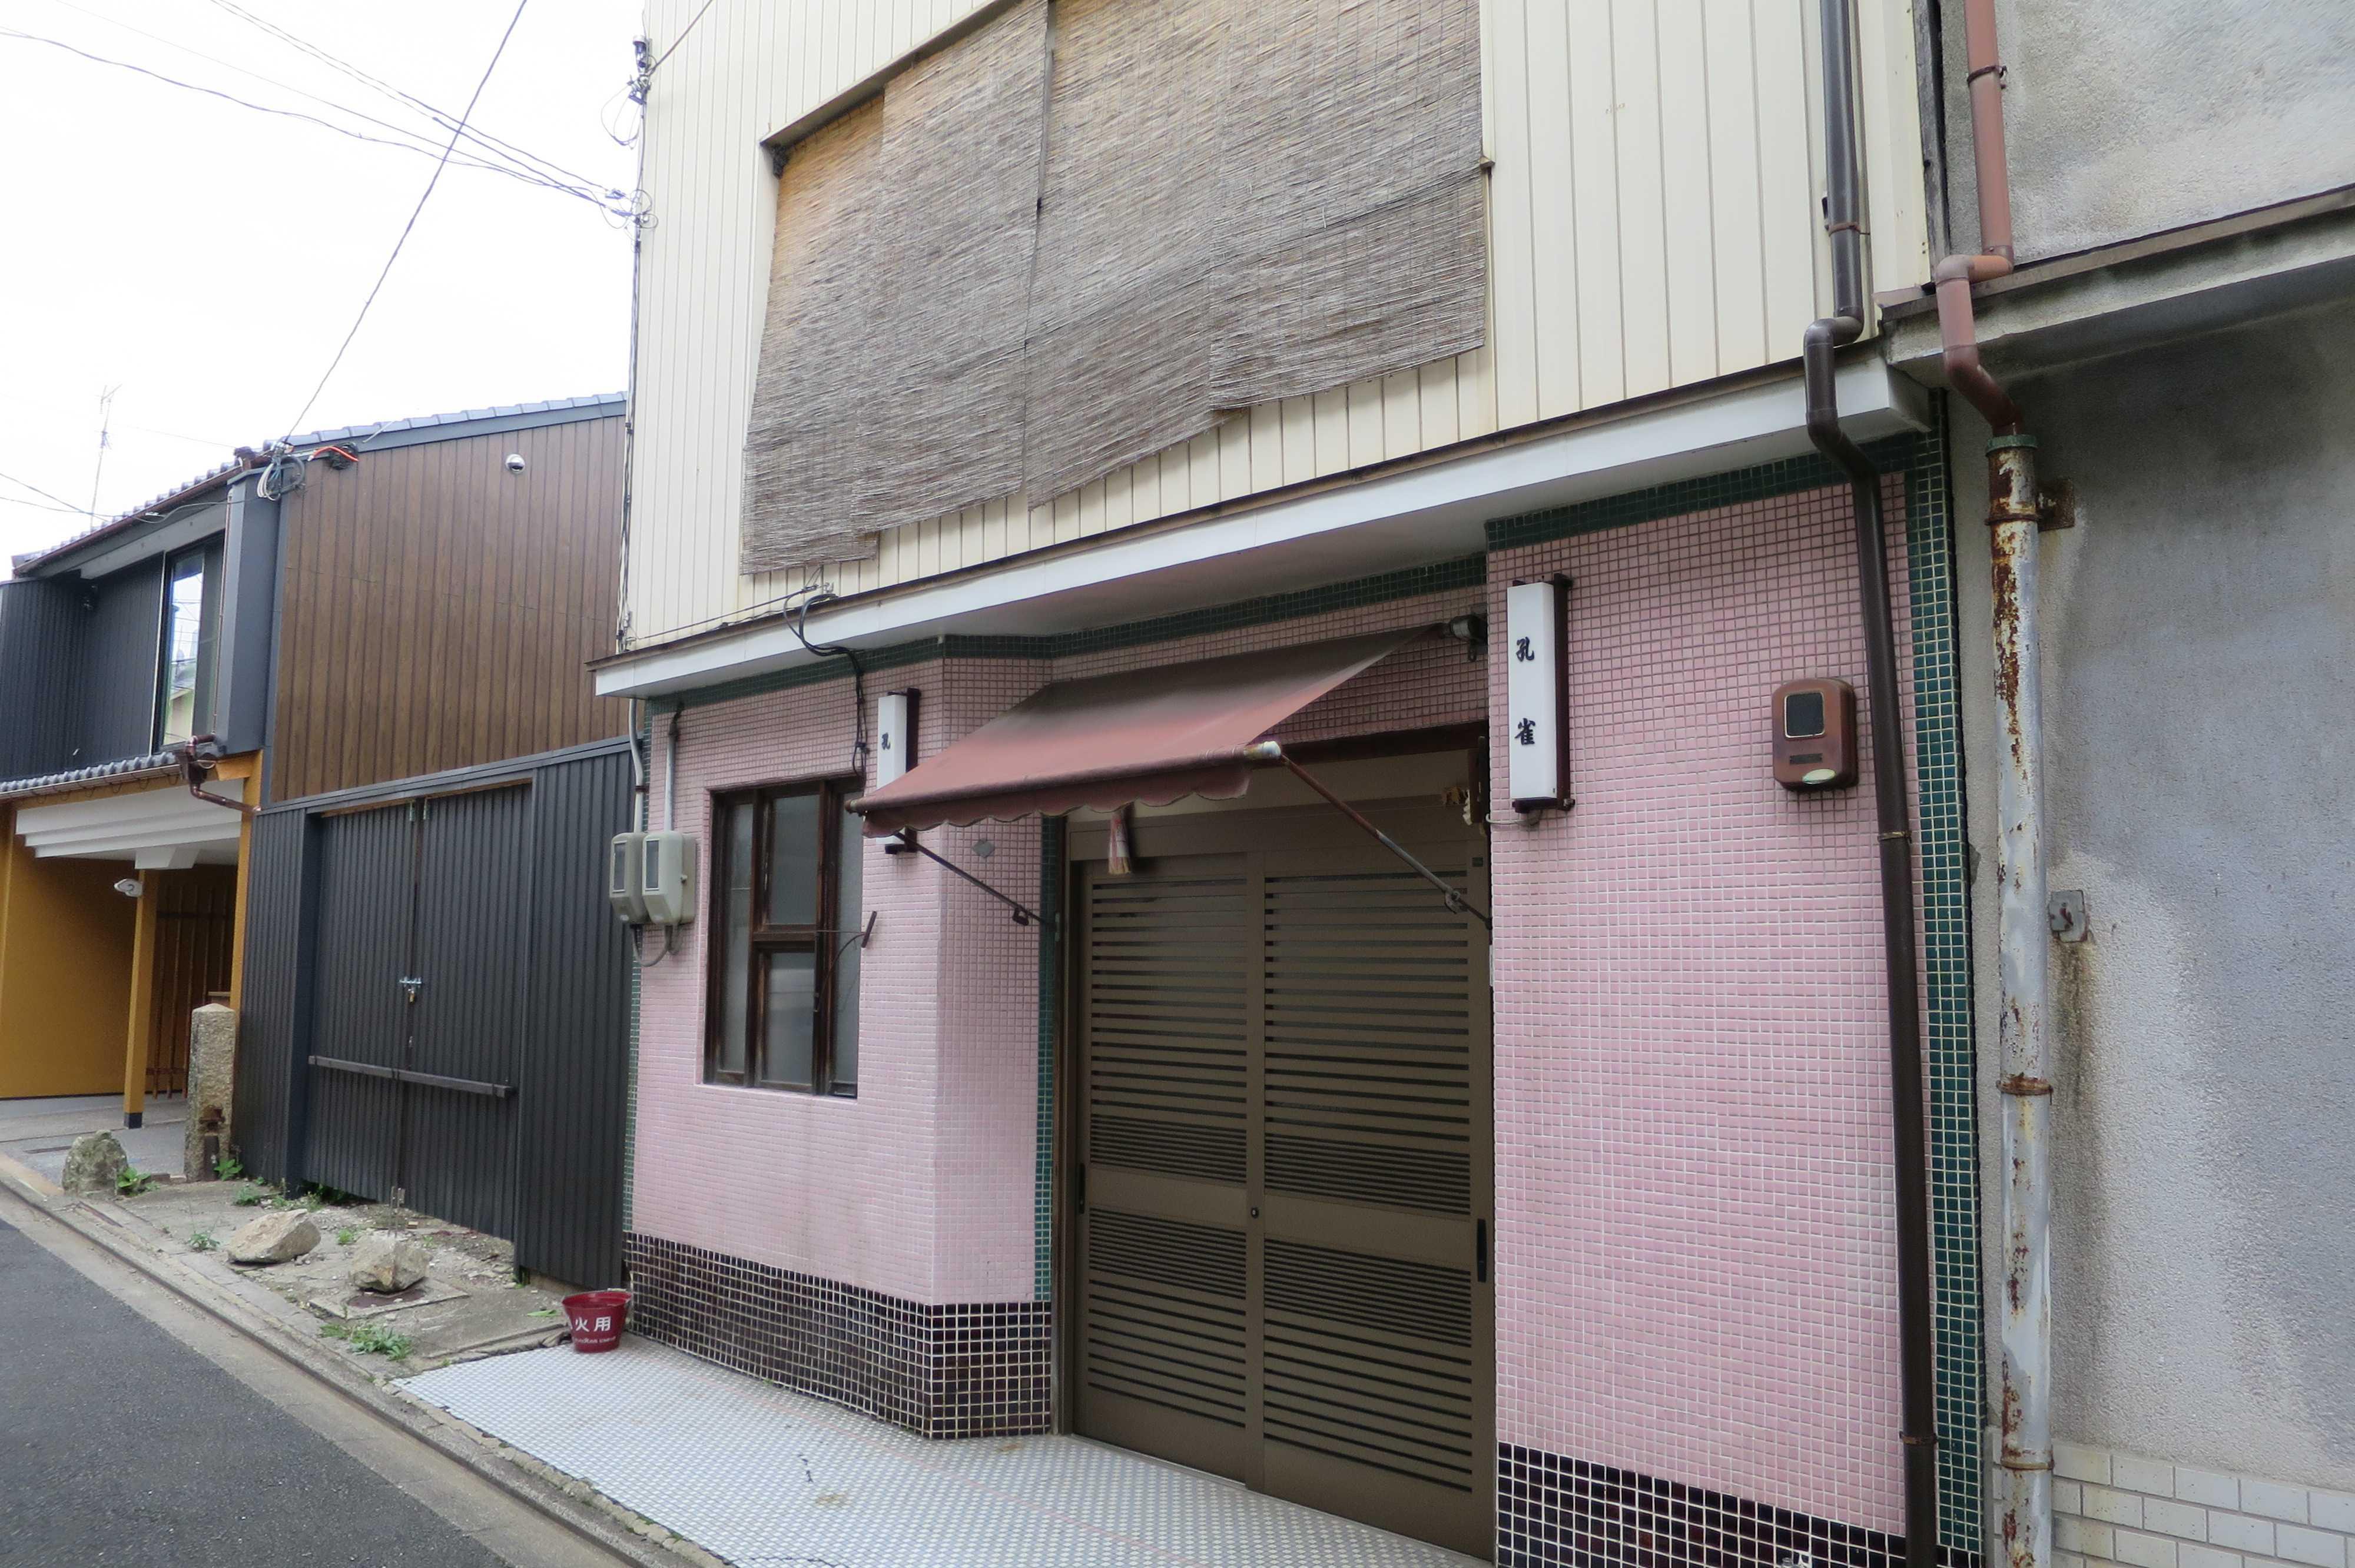 京都・五条楽園 - 壁がピンクのタイル張りの家(カフェー建築)